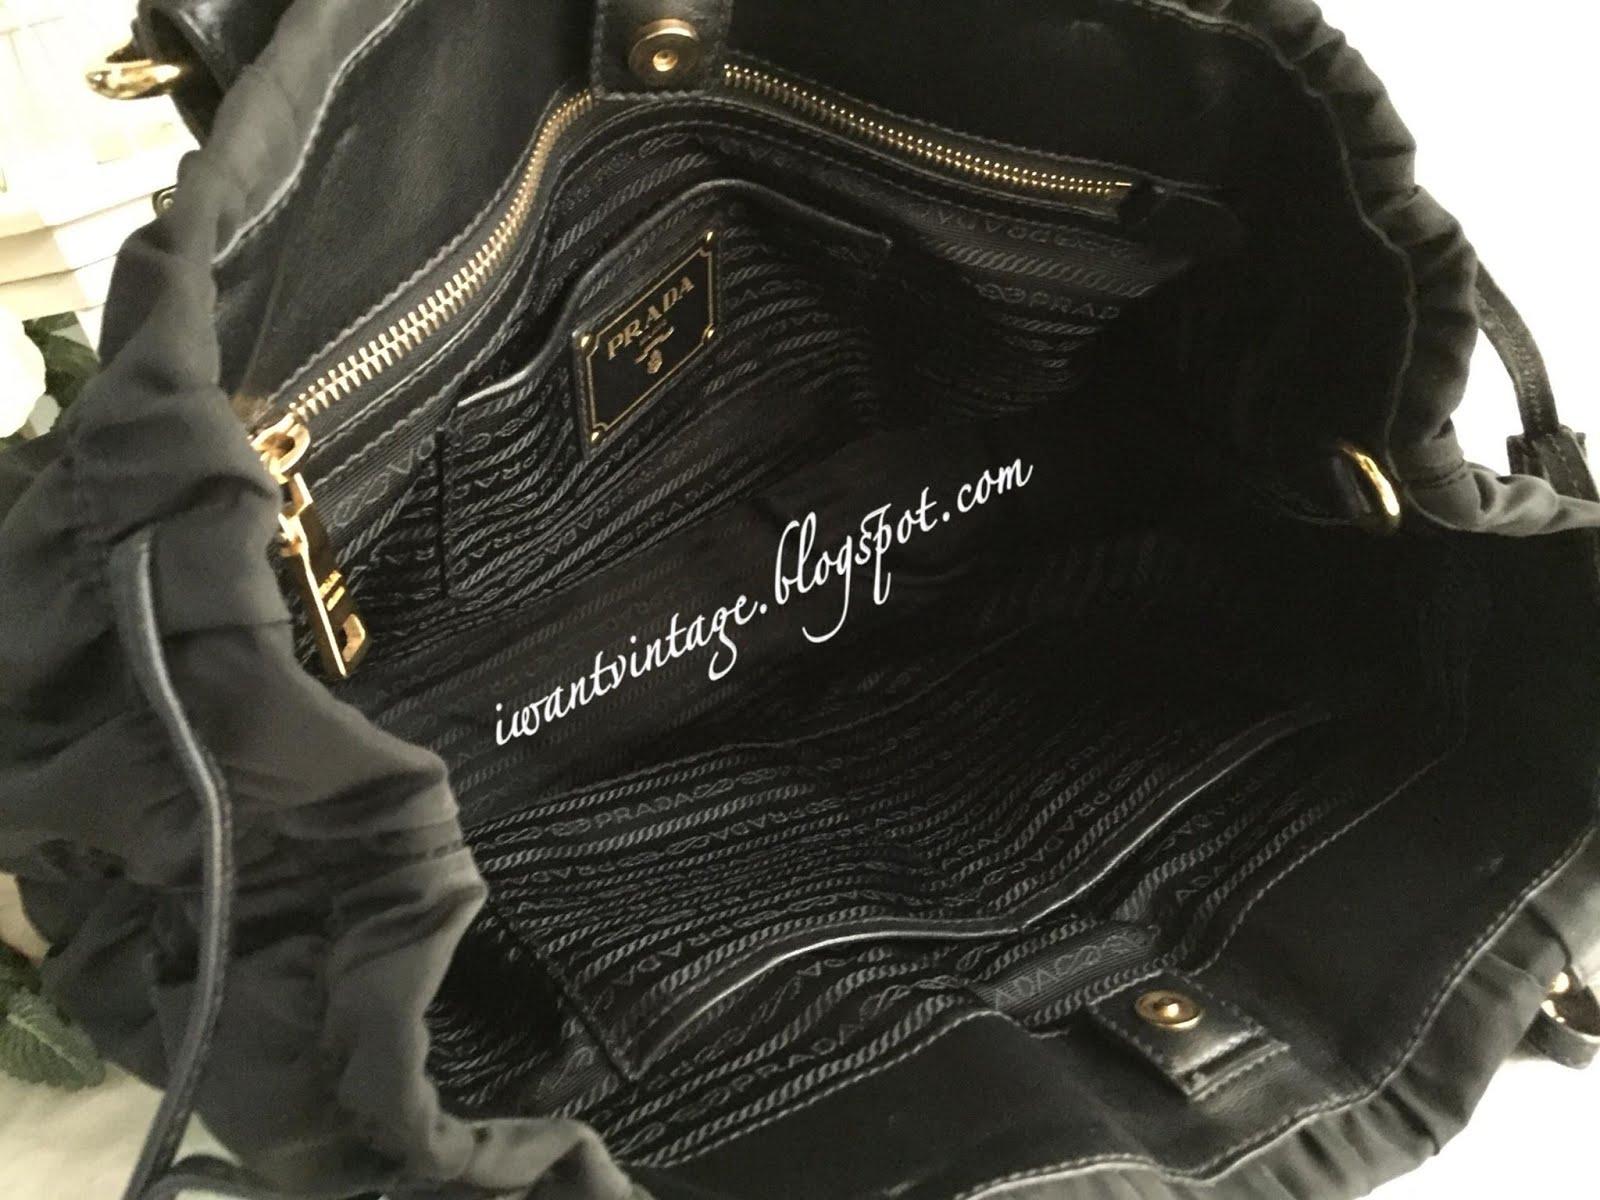 1cbbb623edcd ... closeout prada bn1788 gaufre tessuto nylon bag black 8ceb9 b3a8d